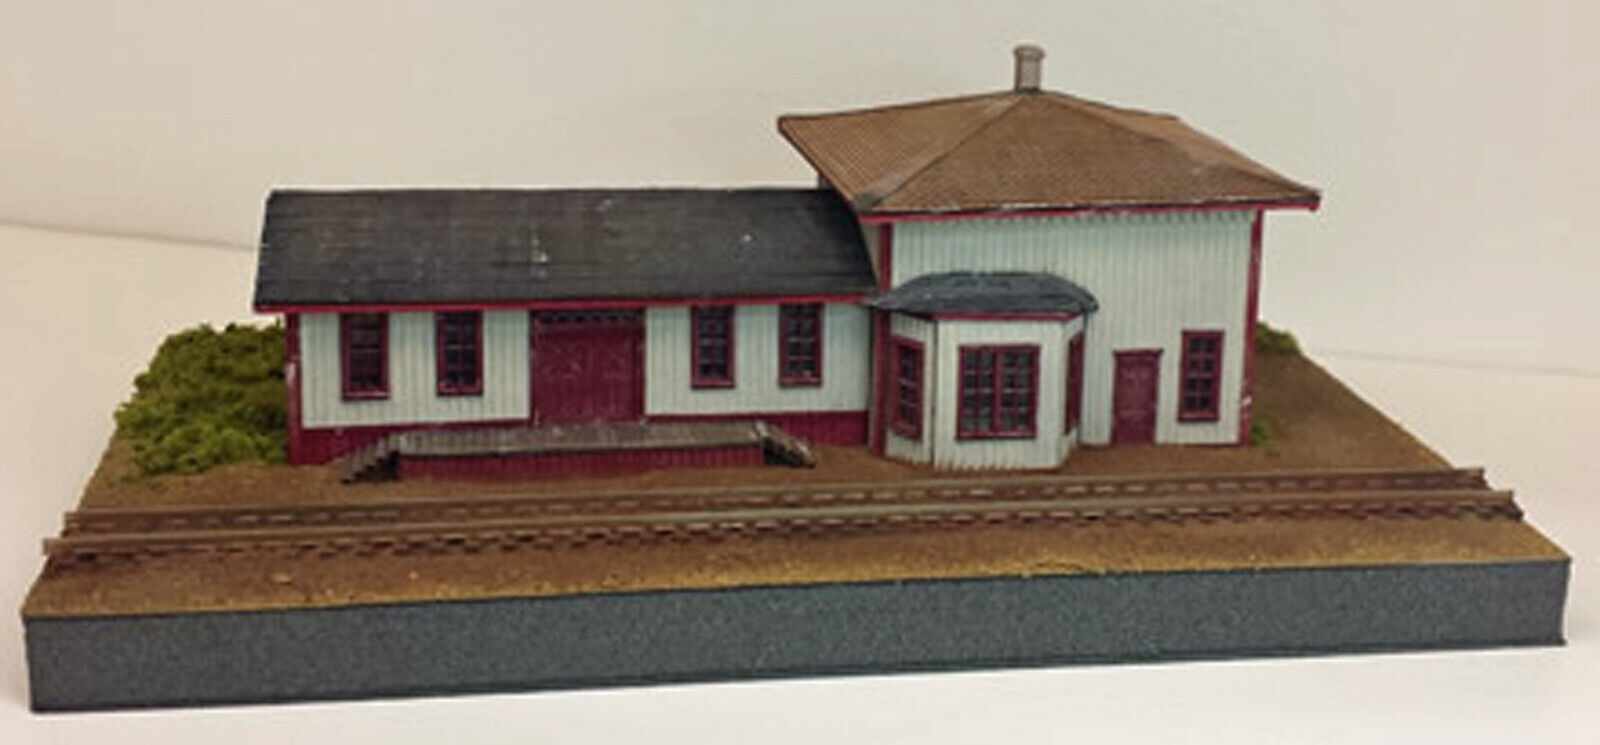 Mahoney estación N modelo del ferrocarril Depot estructura unptd láser de madera kit RSM2210N